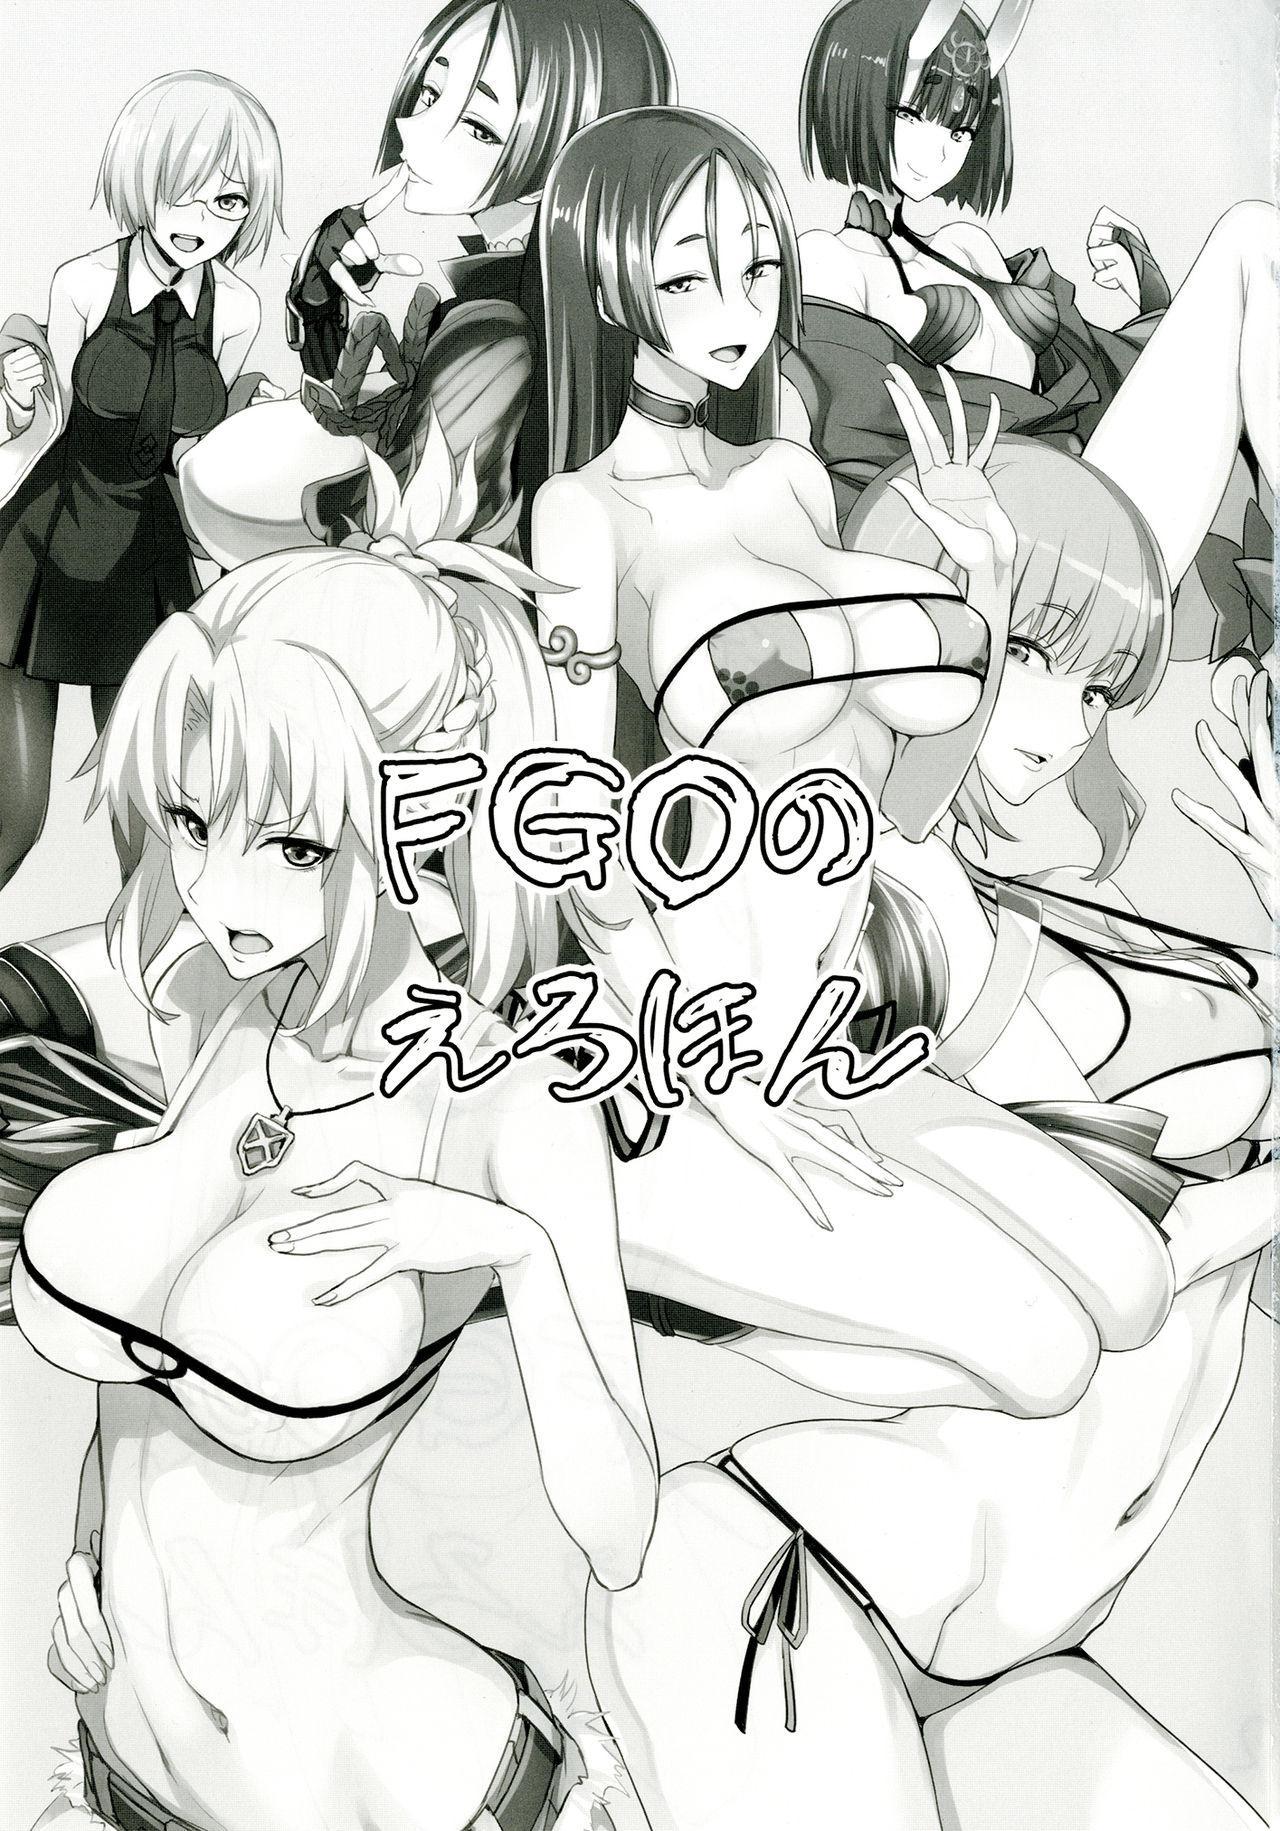 FGO no Erohon 2